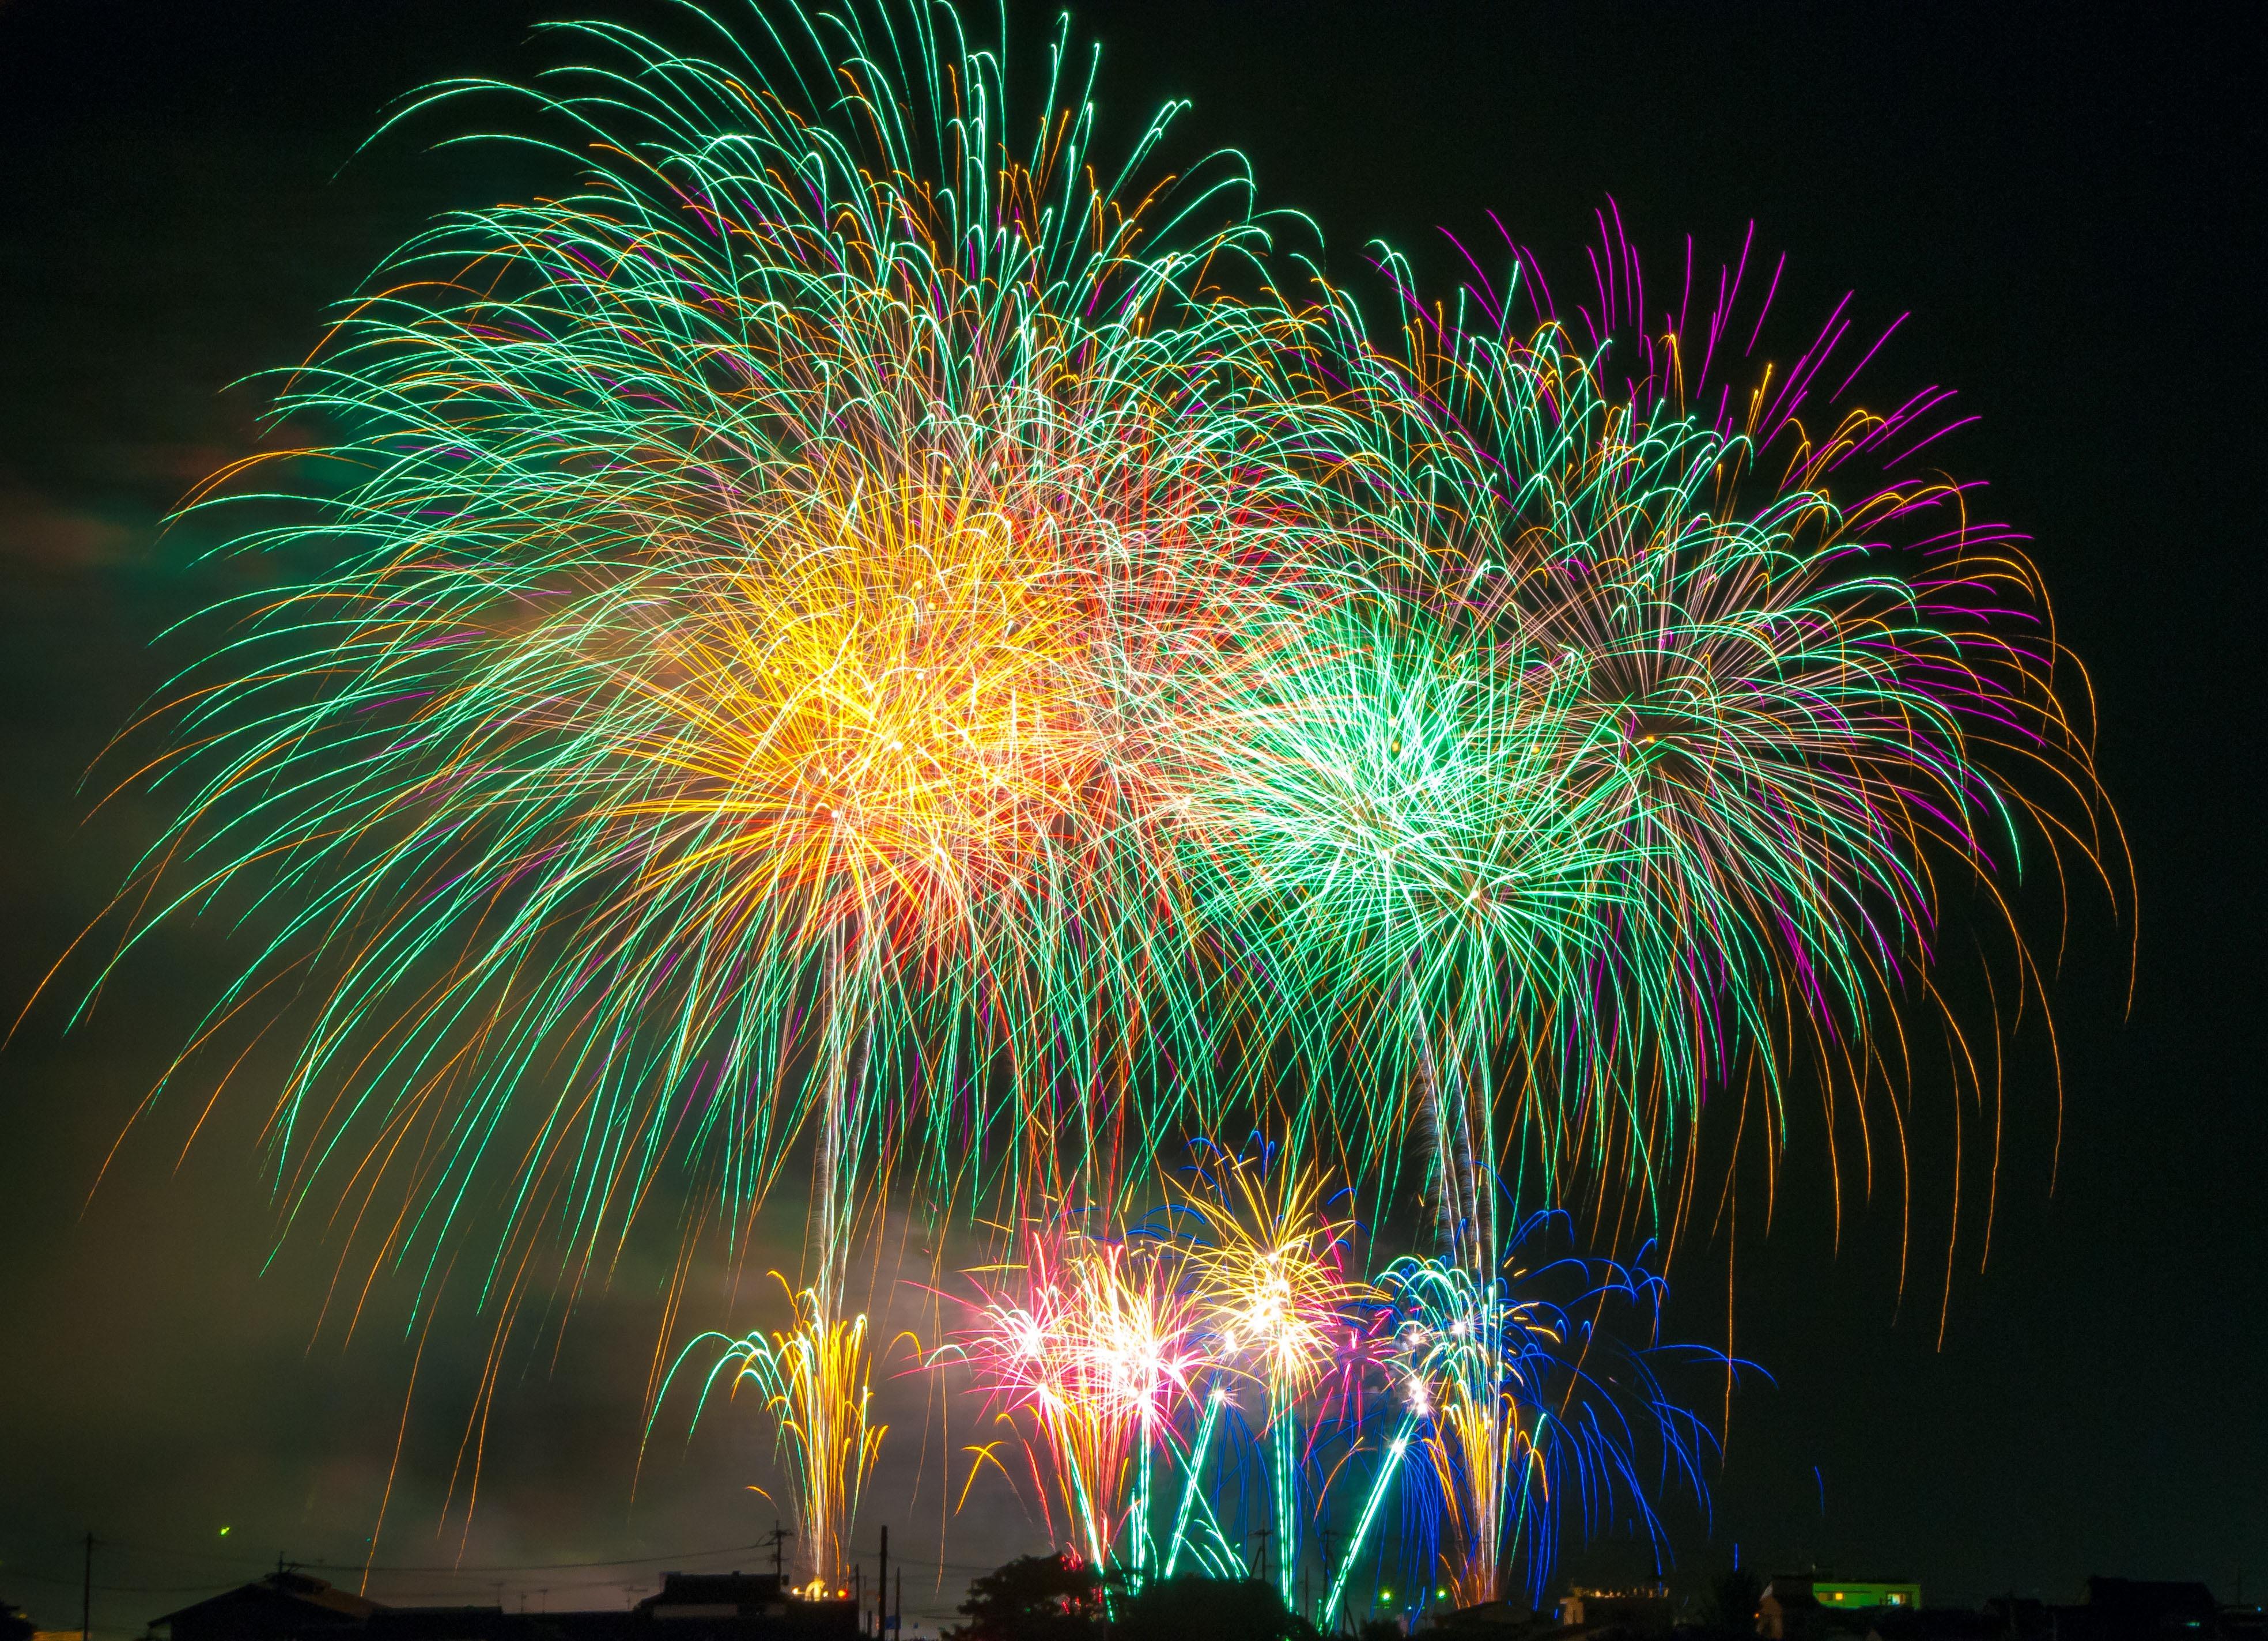 fireworks-light-japan-festival-66277.jpeg